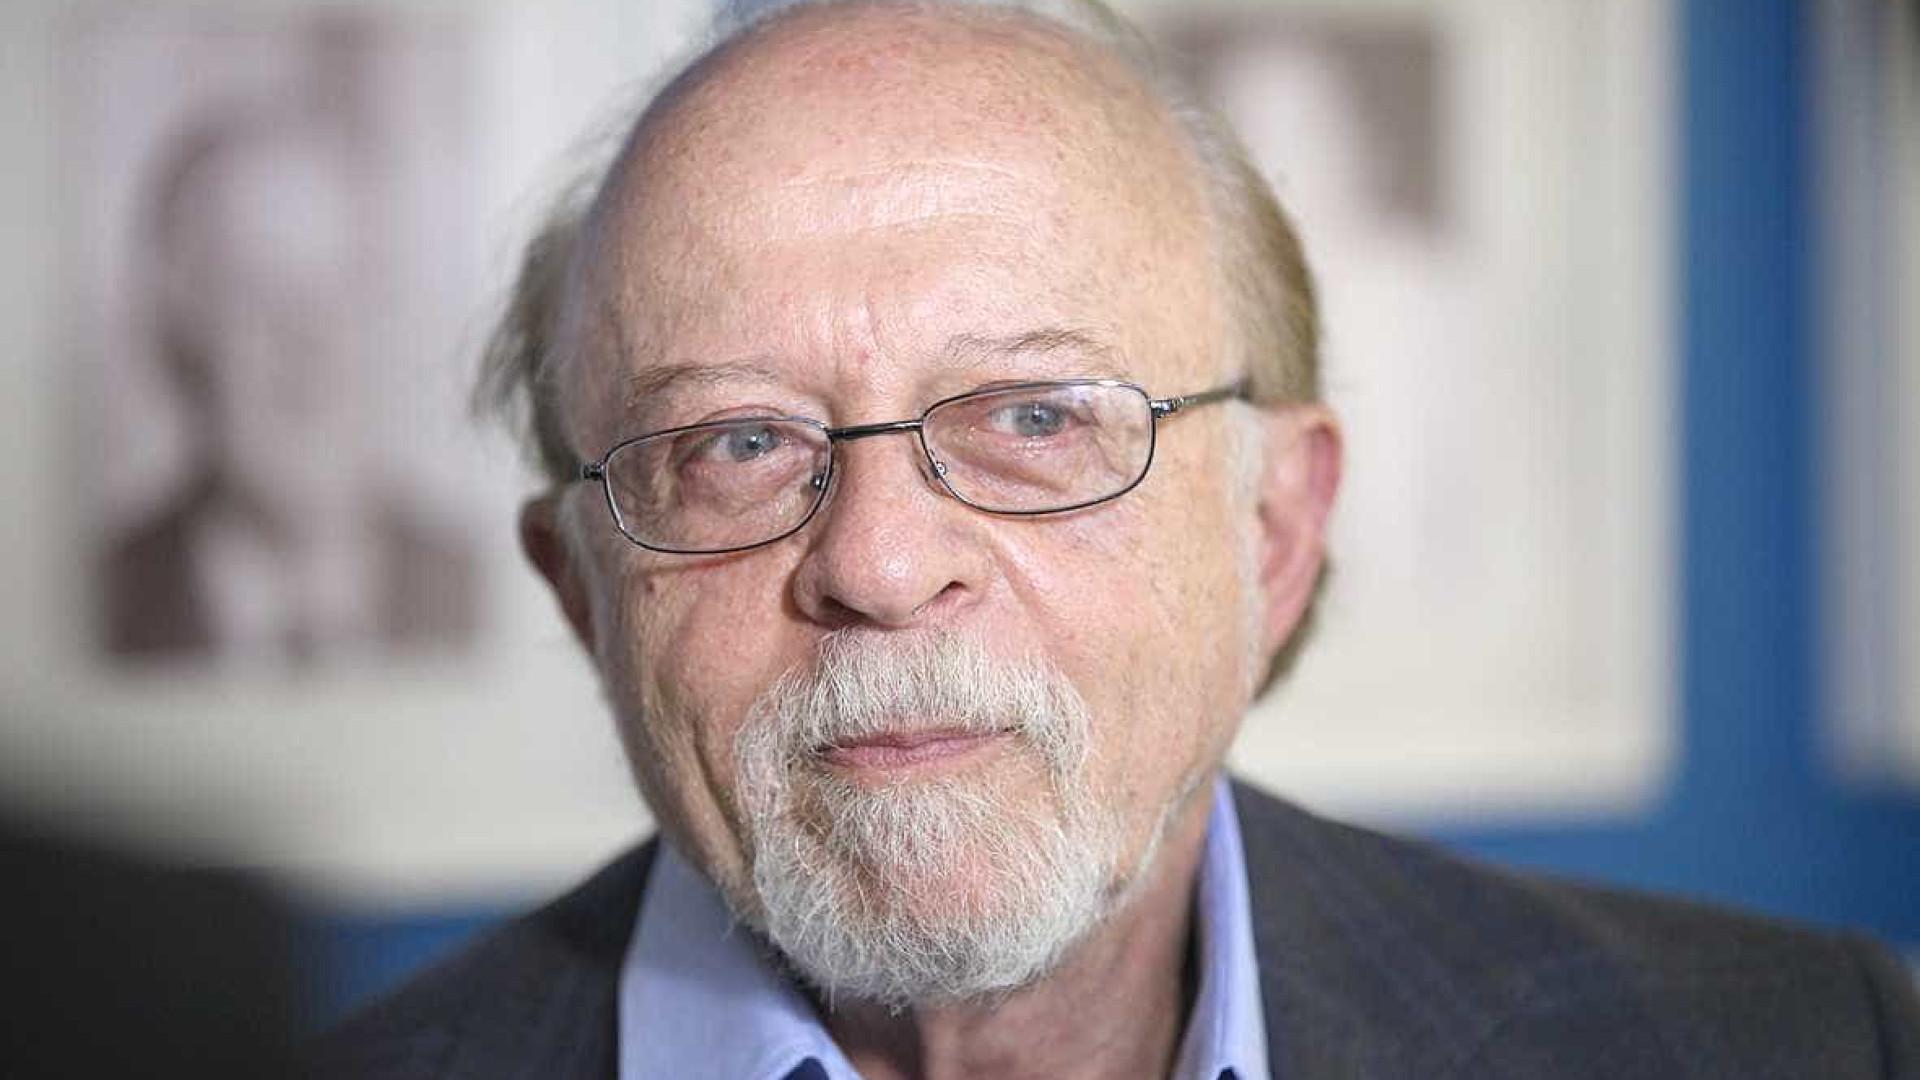 Morre Alberto Goldman, ex-governador de São Paulo